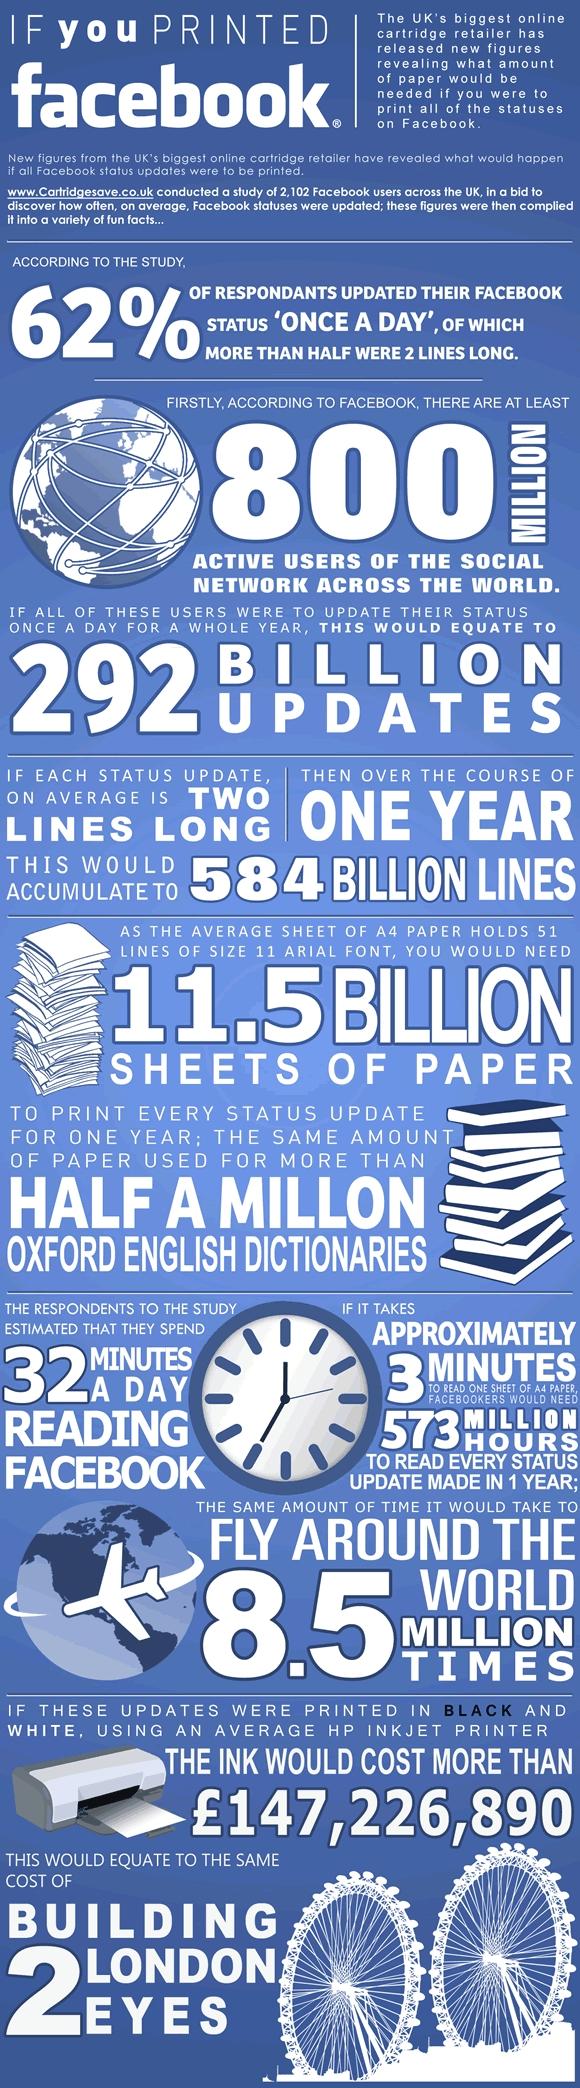 if-you-printed-facebook.jpg